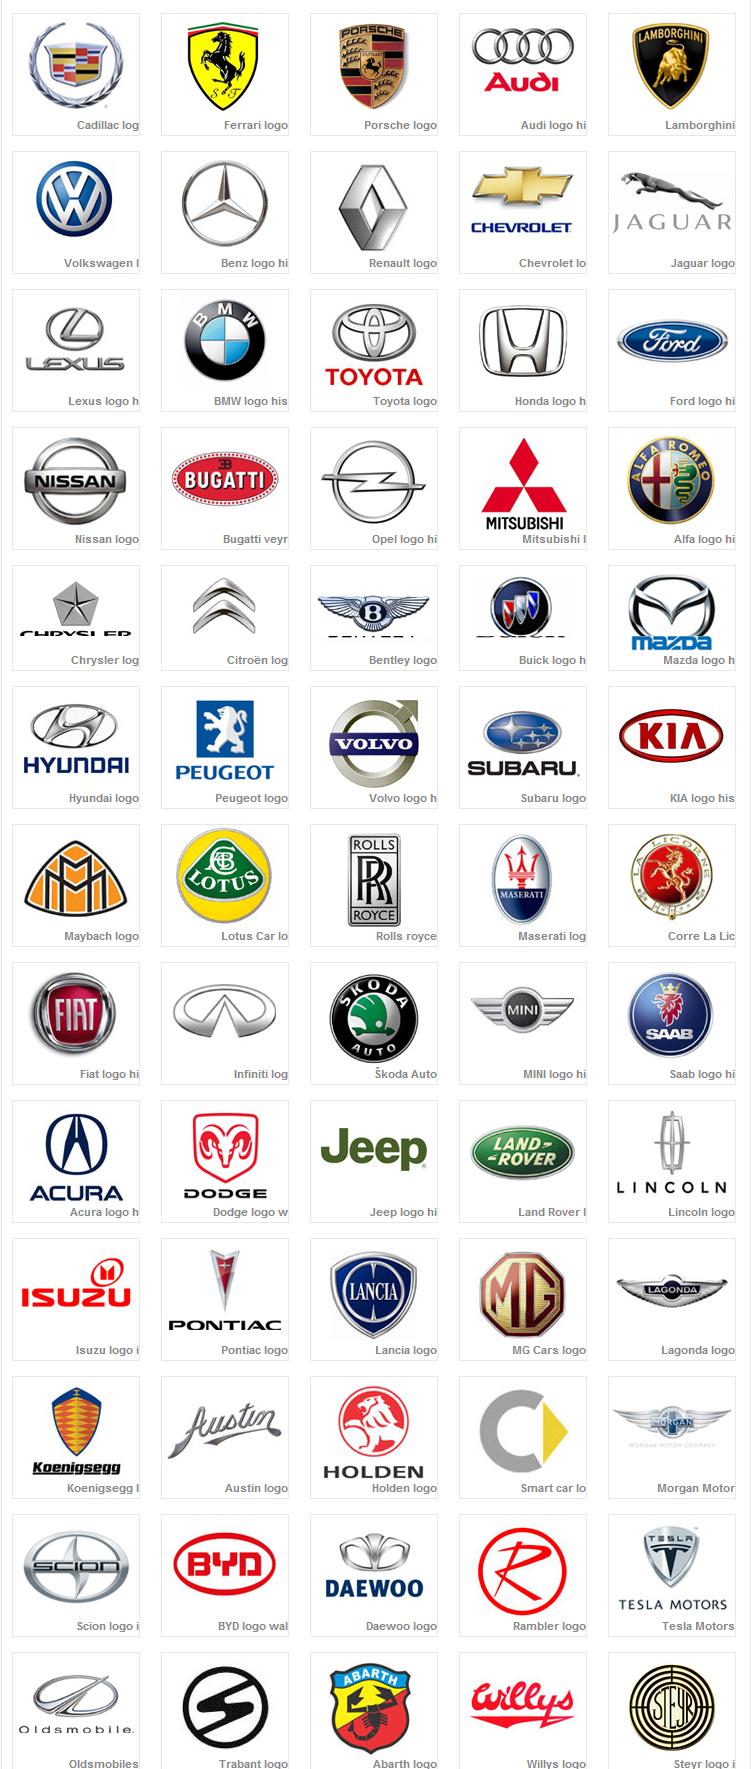 Logos De Carros Car Brands Logos Car Symbols Car Brands